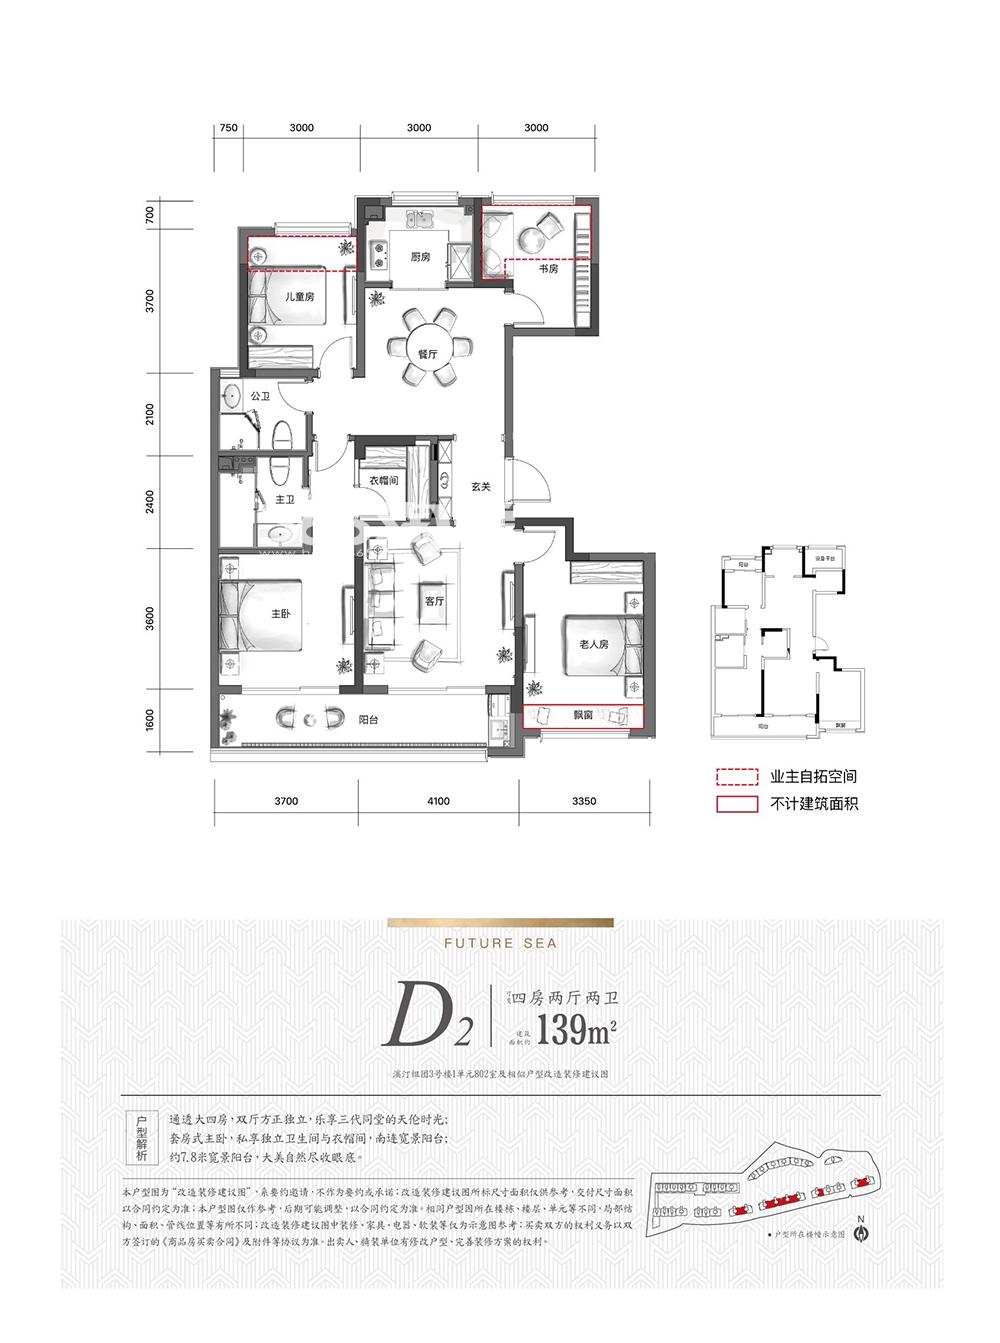 融创金成未来海南区3-6号楼139方D2户型